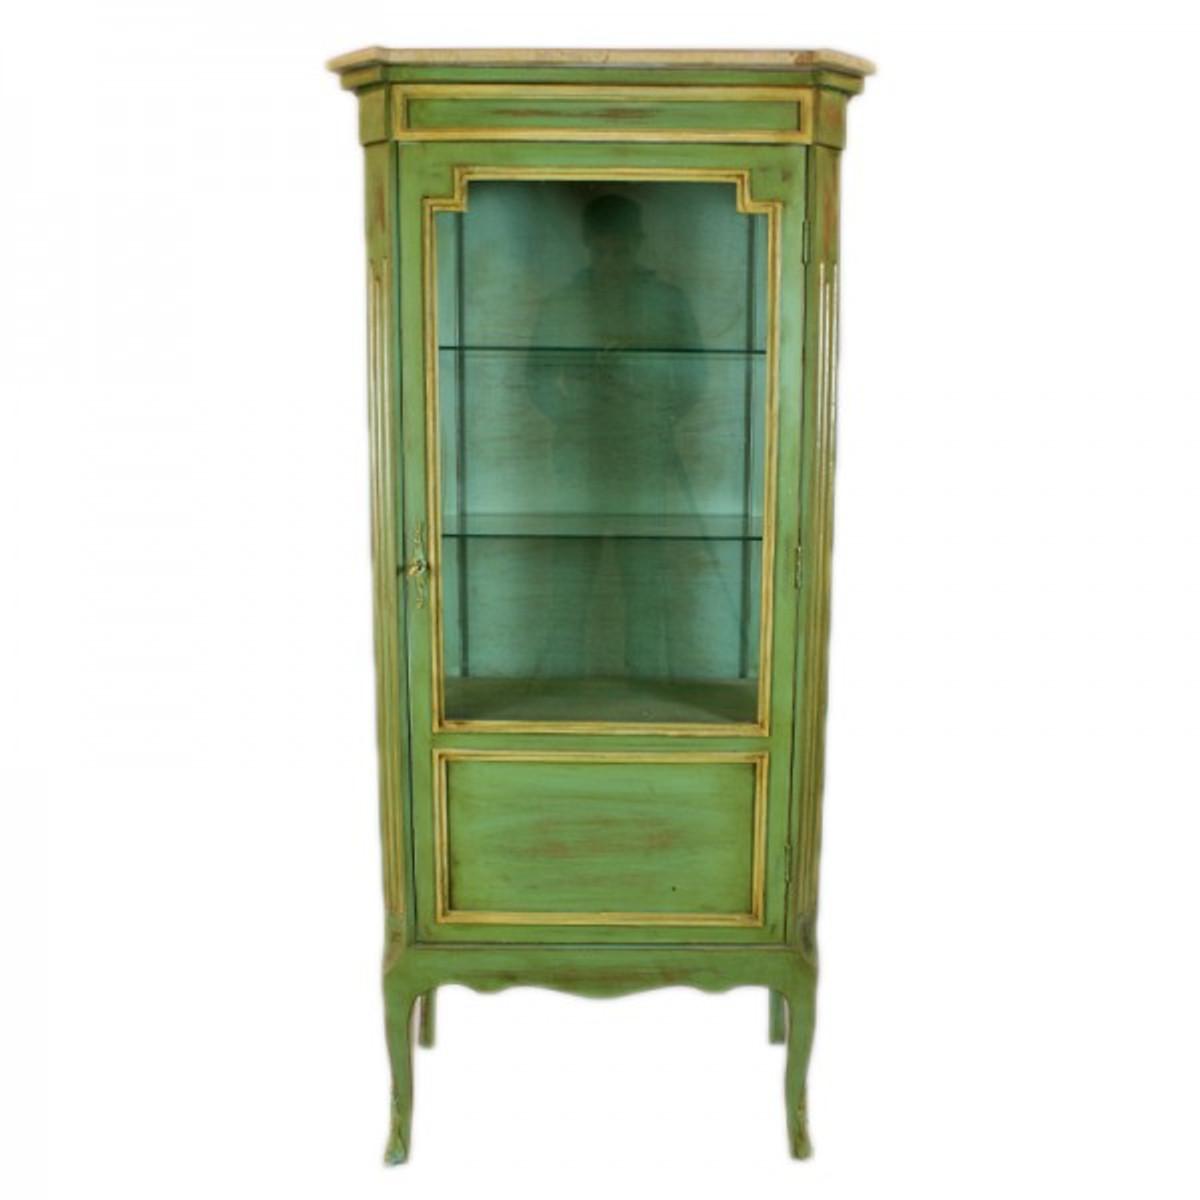 massivholzmobel wohnzimmerschrank, casa padrino barock vitrine antik stil grün / gold 160 cm, Design ideen